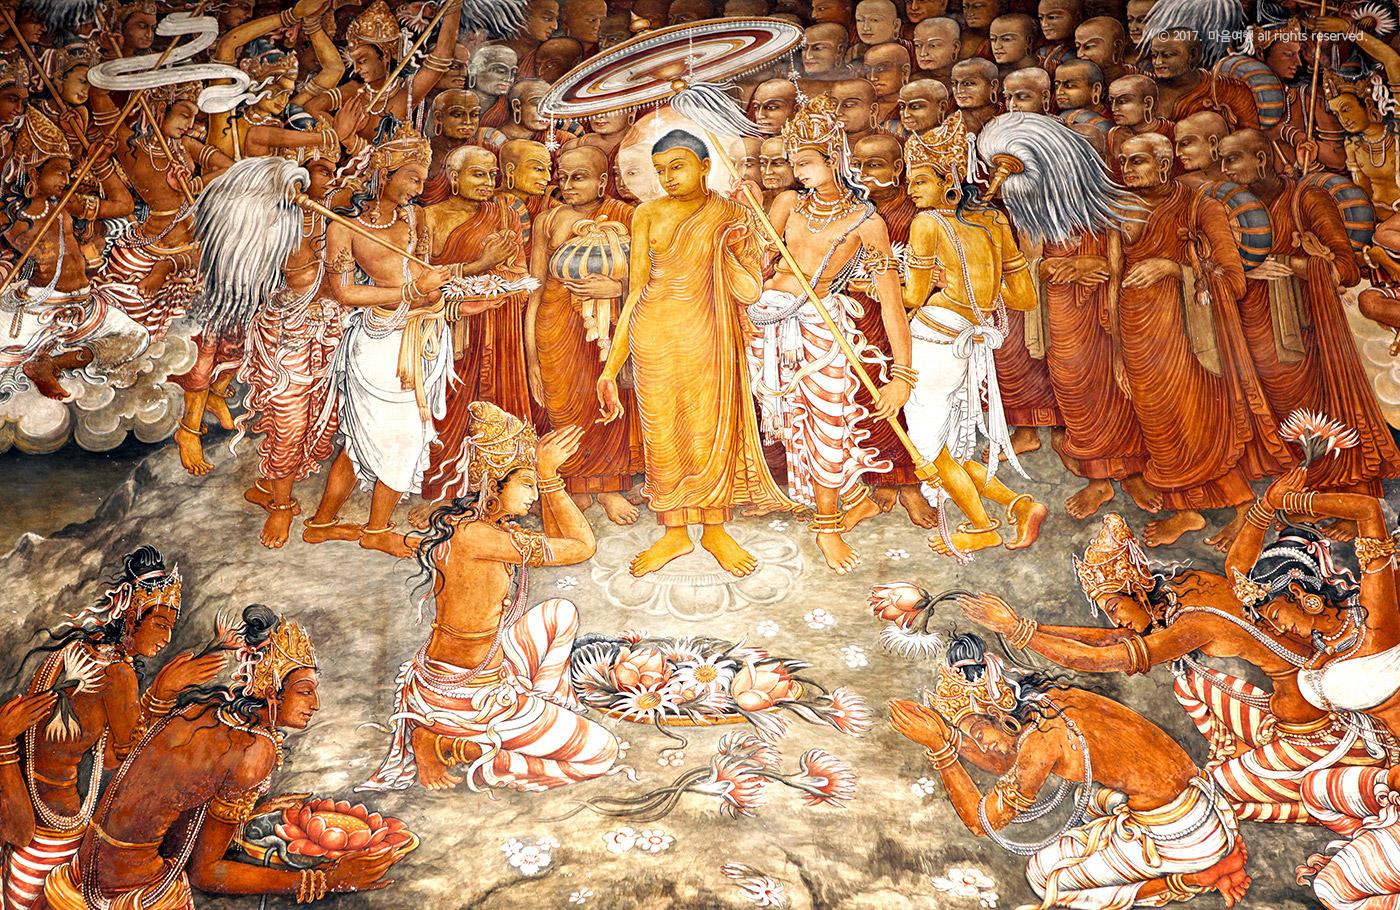 켈라니아 사원 내부 벽화